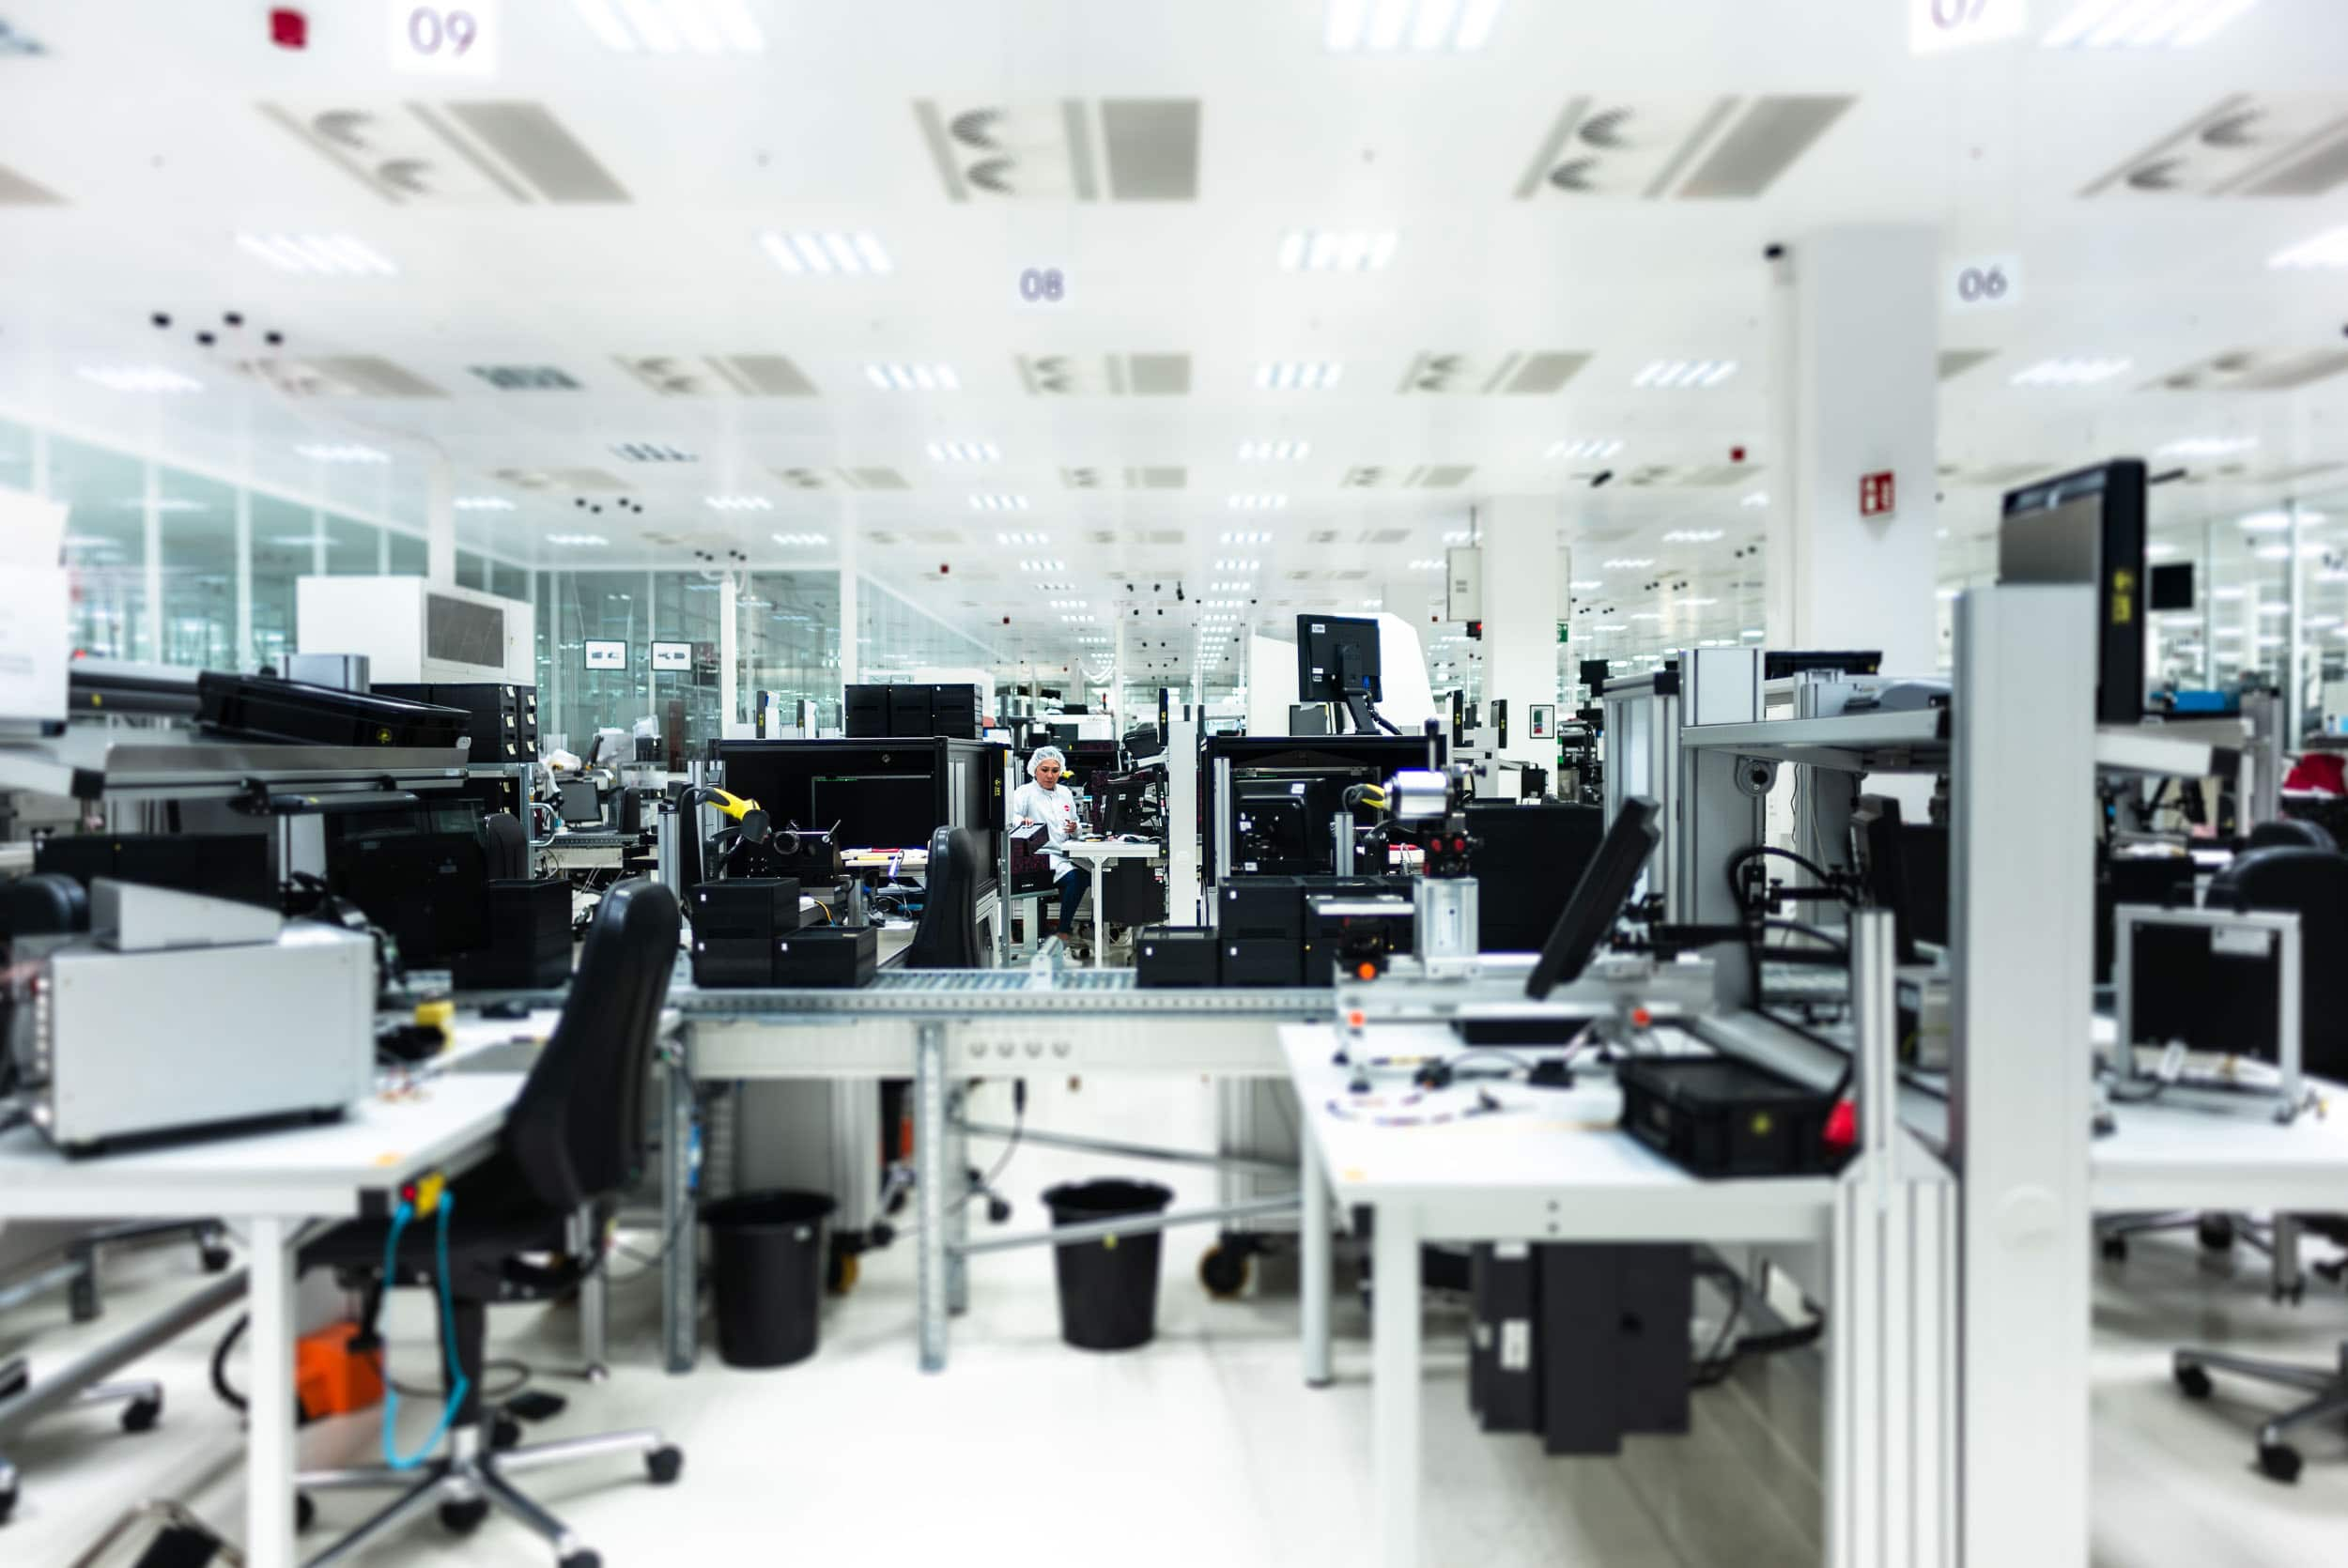 Beispiel Innenaufnahme einer Industriereportage mit technischen Arbeitsplätzen und Mitarbeiterin |Werbefotograf in der Region Osnabrück Münster Bielefeld für Industriefotografie